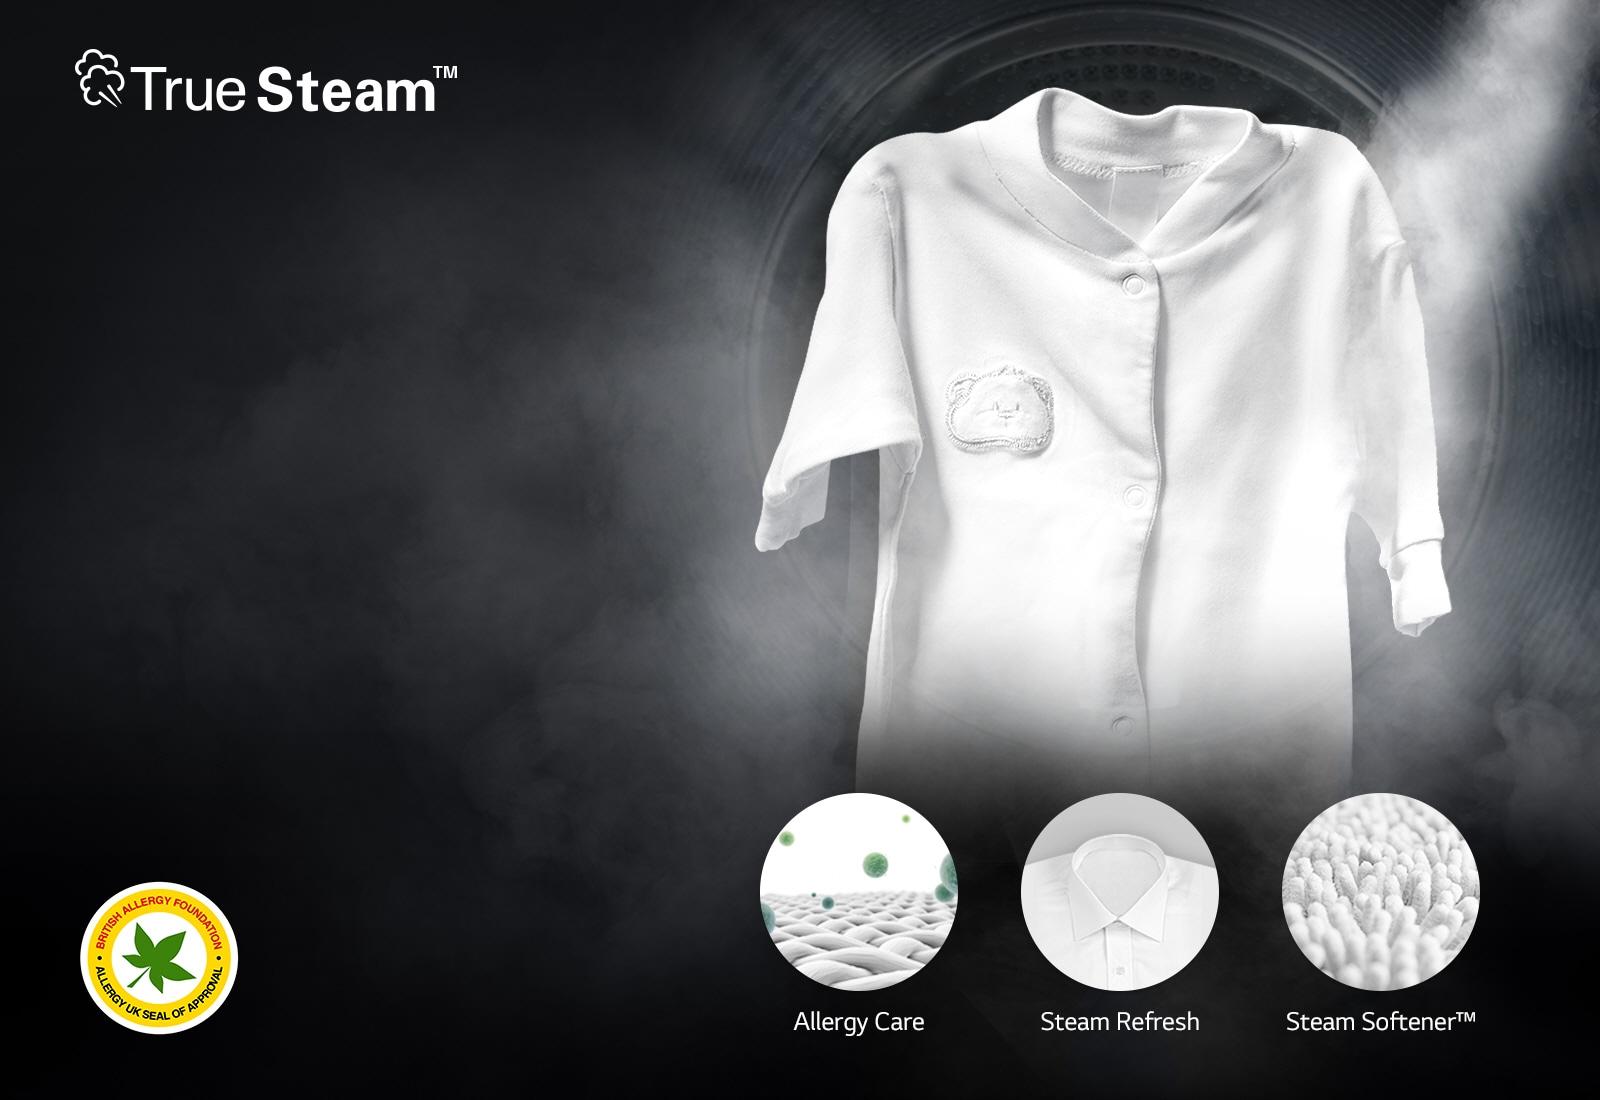 กำจัดสารก่อภูมิแพ้ได้ถึง 99.9%2525252525 ด้วยฟังก์ชั่น Steam